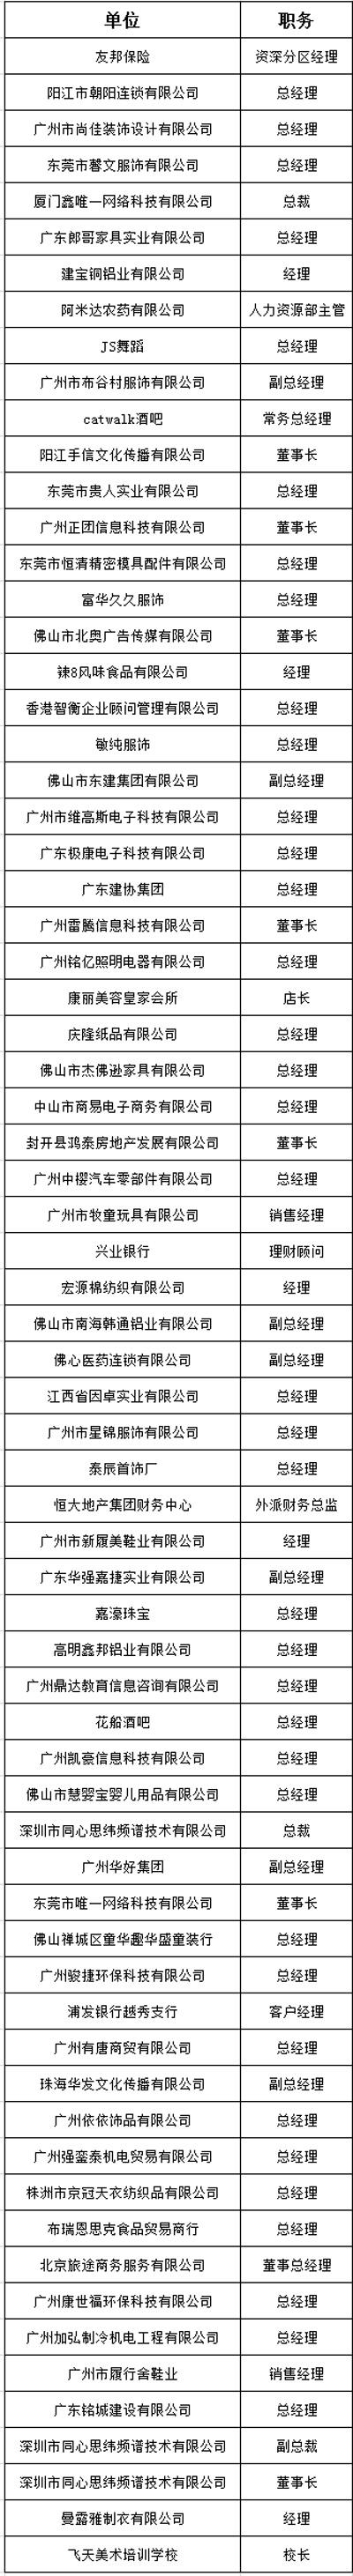 中山大学时代华商教育中心总裁高级工商管理高级研修班精要课程研修班三十四班学员名录册